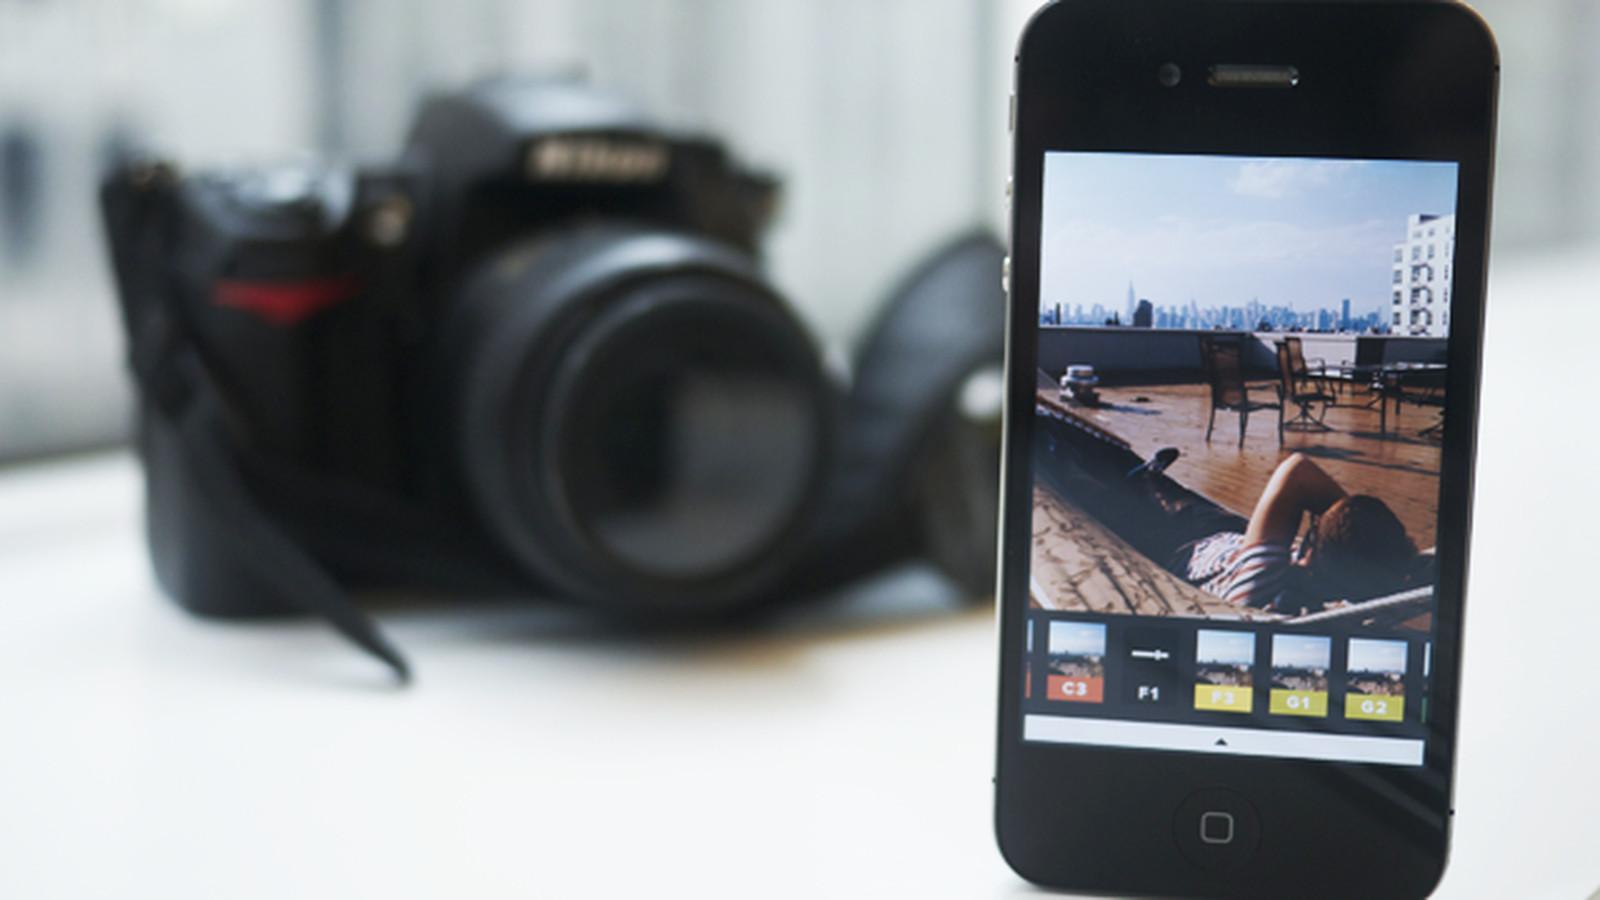 Какое приложение редактирует фотографию на пленку видны брошенные